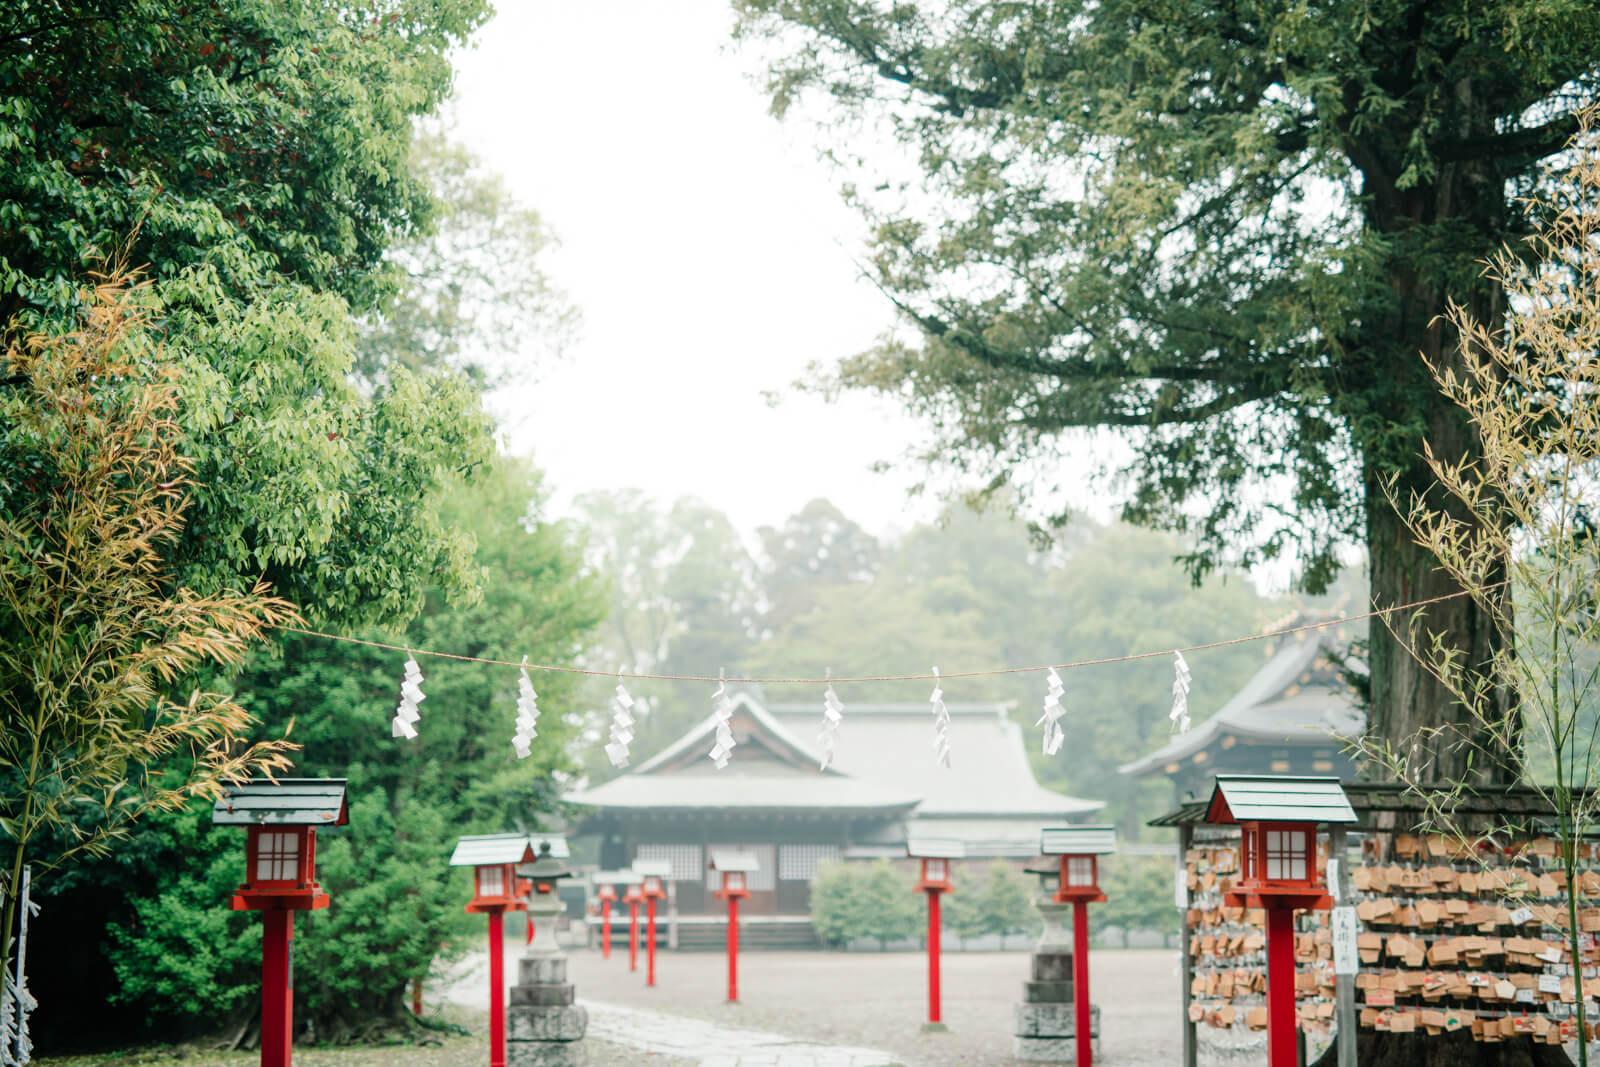 鷲宮神社 境内 参道と本殿 七五三とお宮参りの出張撮影